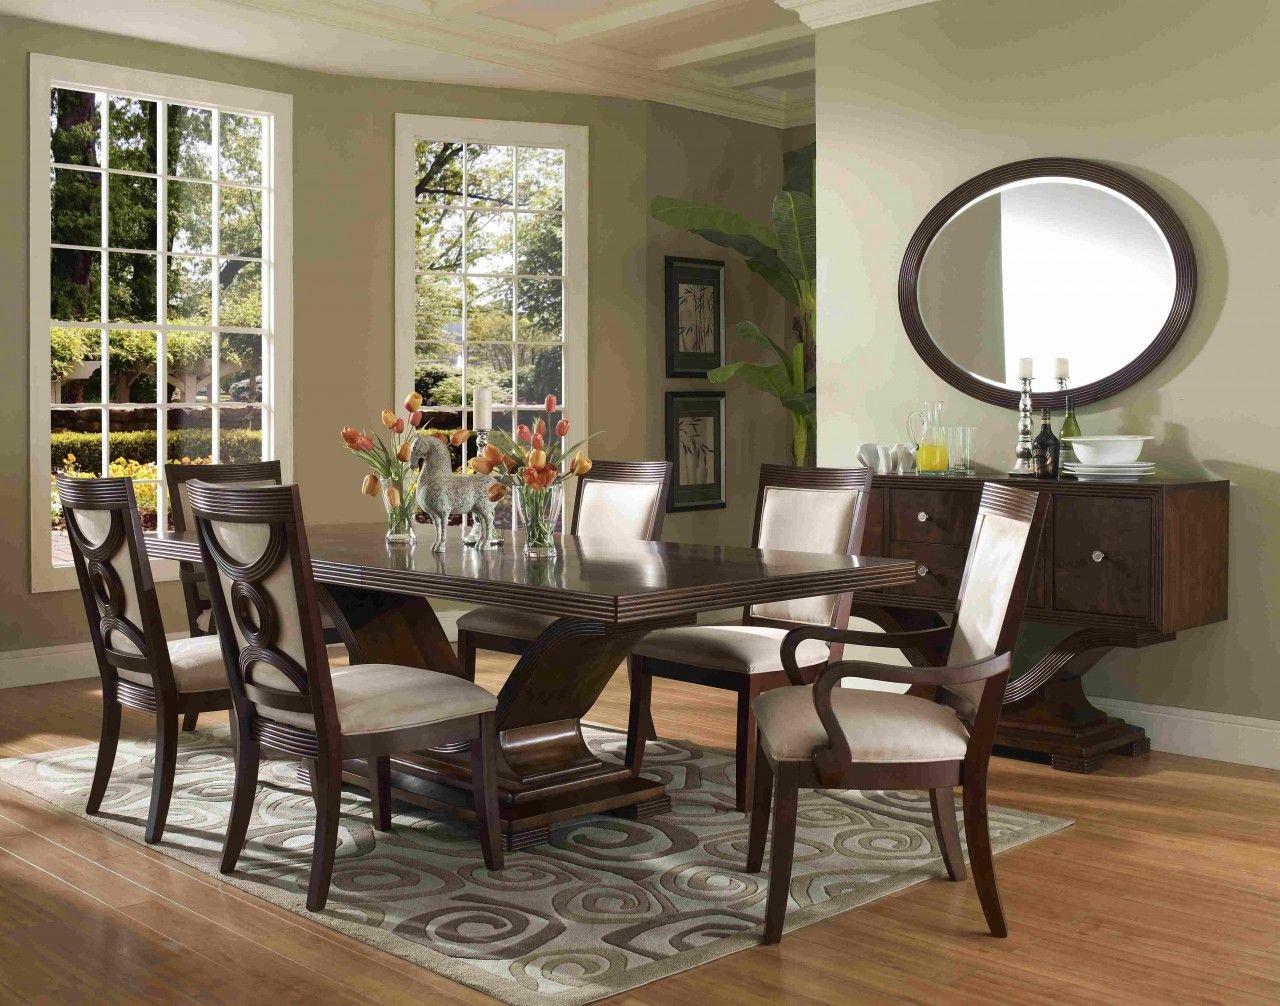 Formal Dining Room Sets Stunning Dining Room Design Dark Bown Formal Dining Room Sets Ruang Makan Modern Desain Ruang Makan Ruang Makan Tradisional